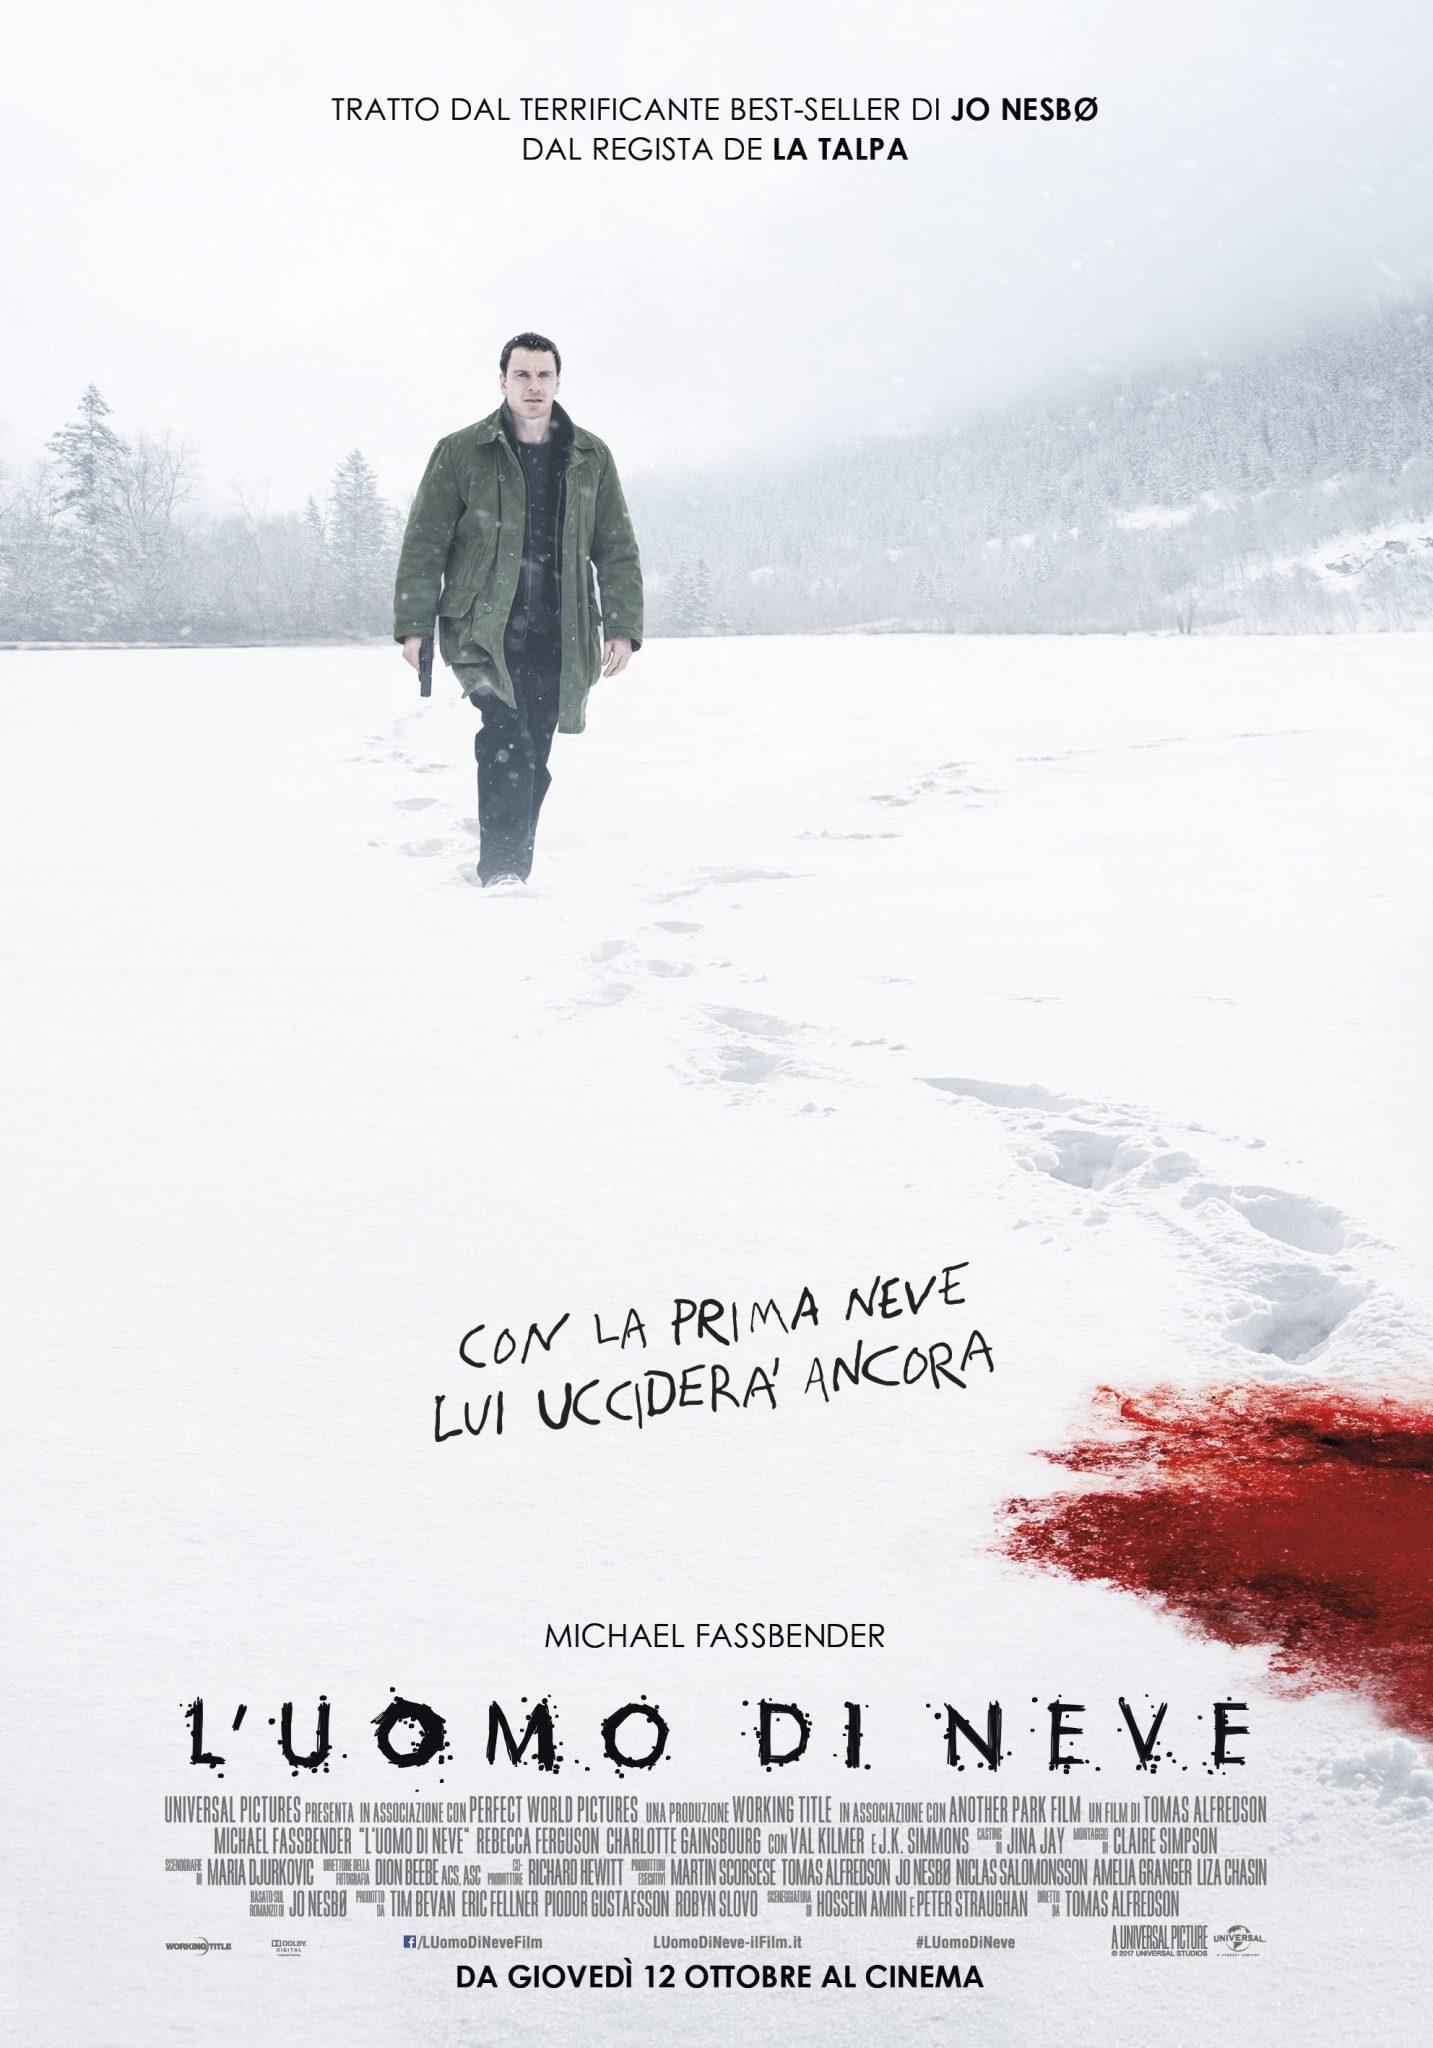 L'uomo di neve, un Dario Argento a Oslo senza troppi brividi